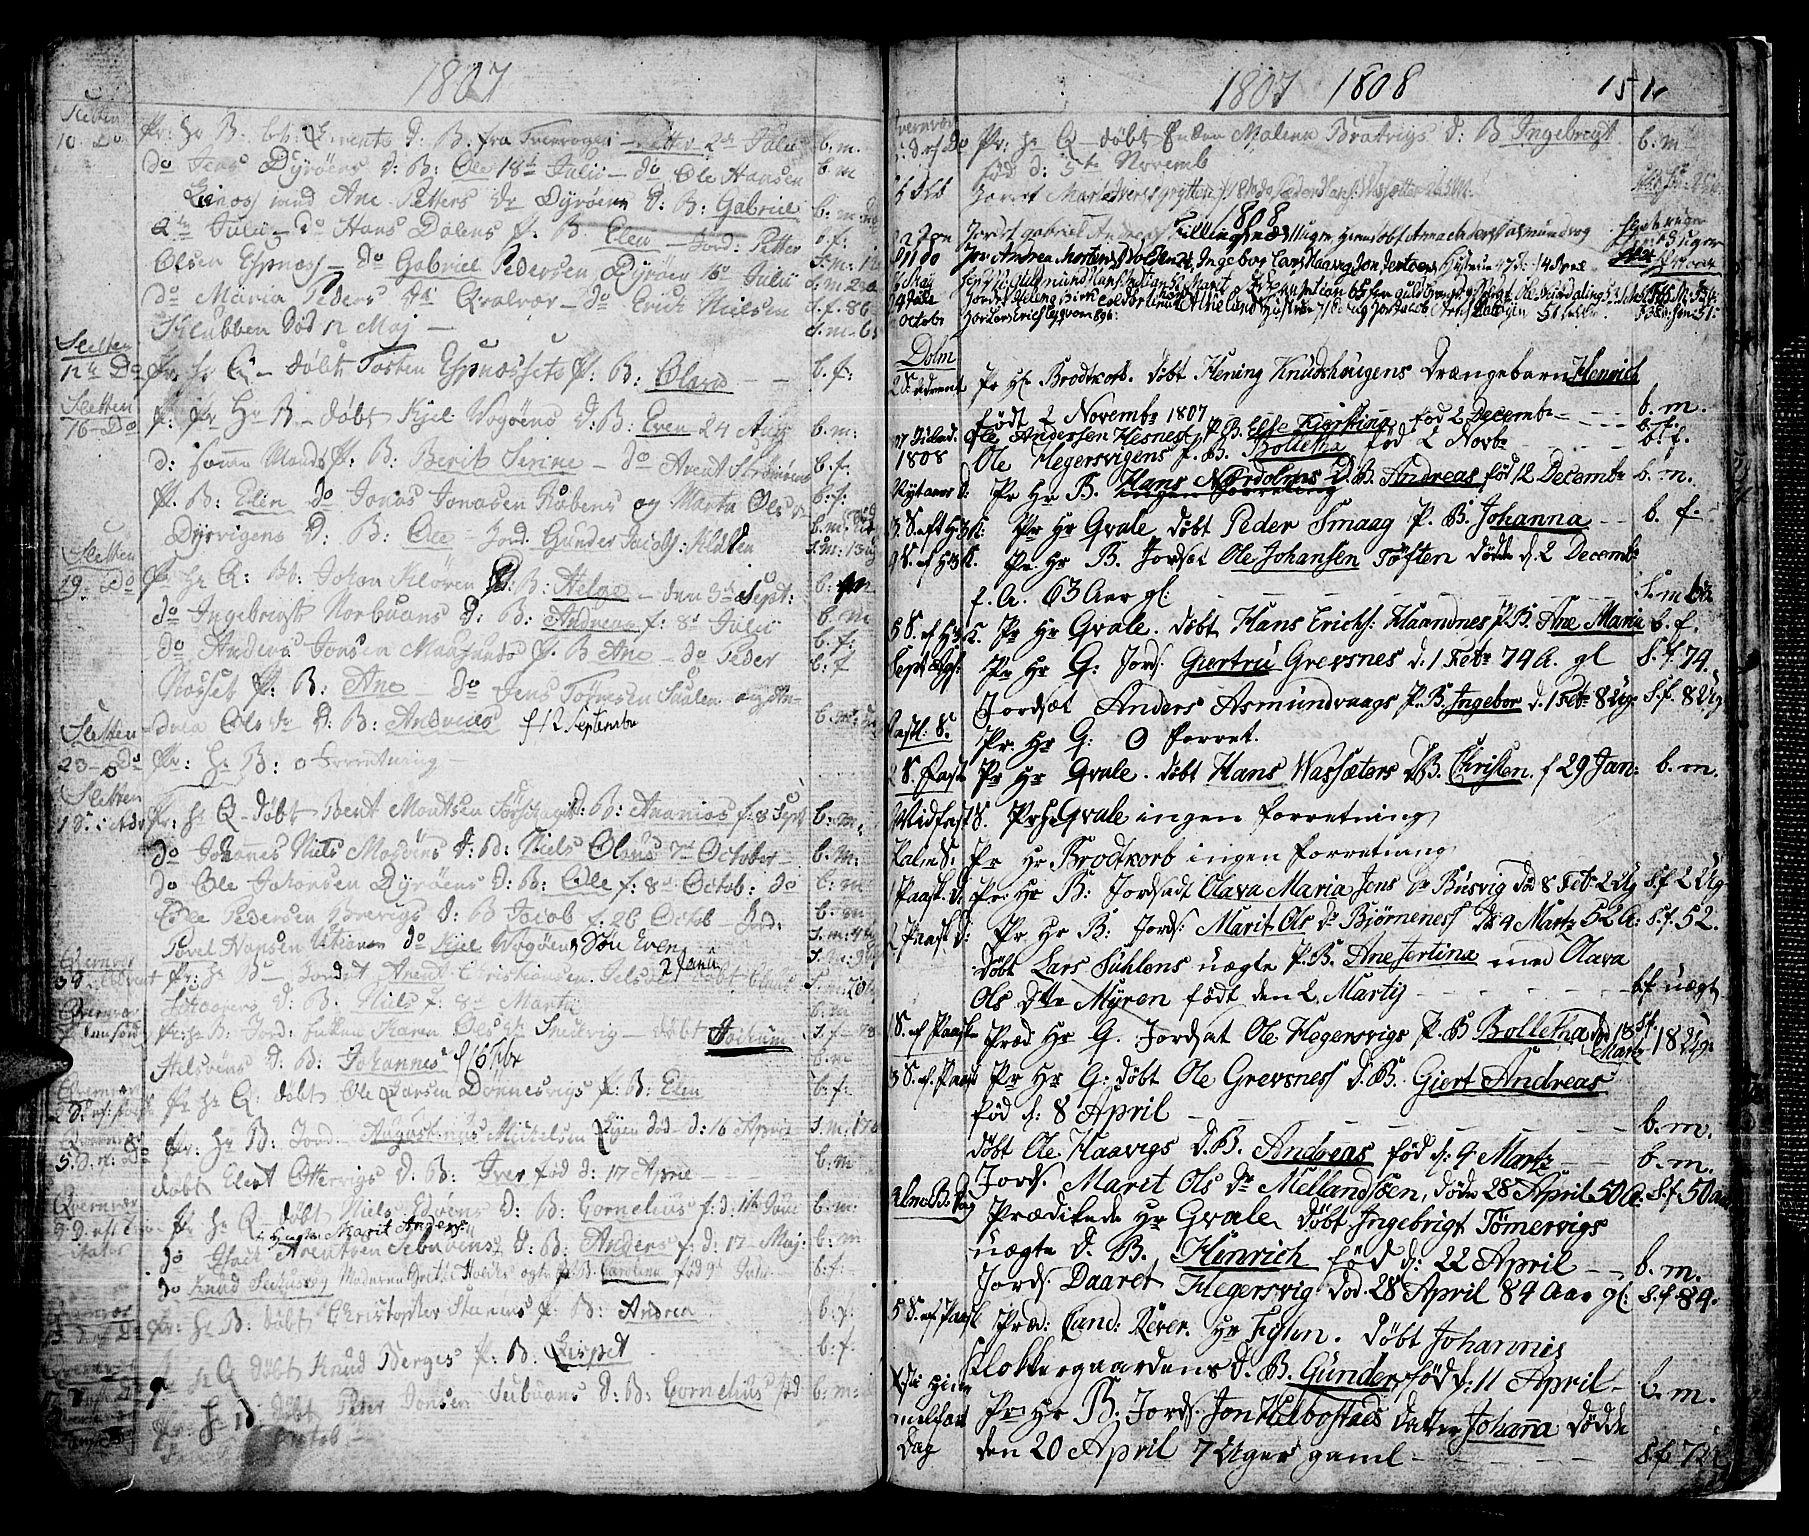 SAT, Ministerialprotokoller, klokkerbøker og fødselsregistre - Sør-Trøndelag, 634/L0526: Ministerialbok nr. 634A02, 1775-1818, s. 151